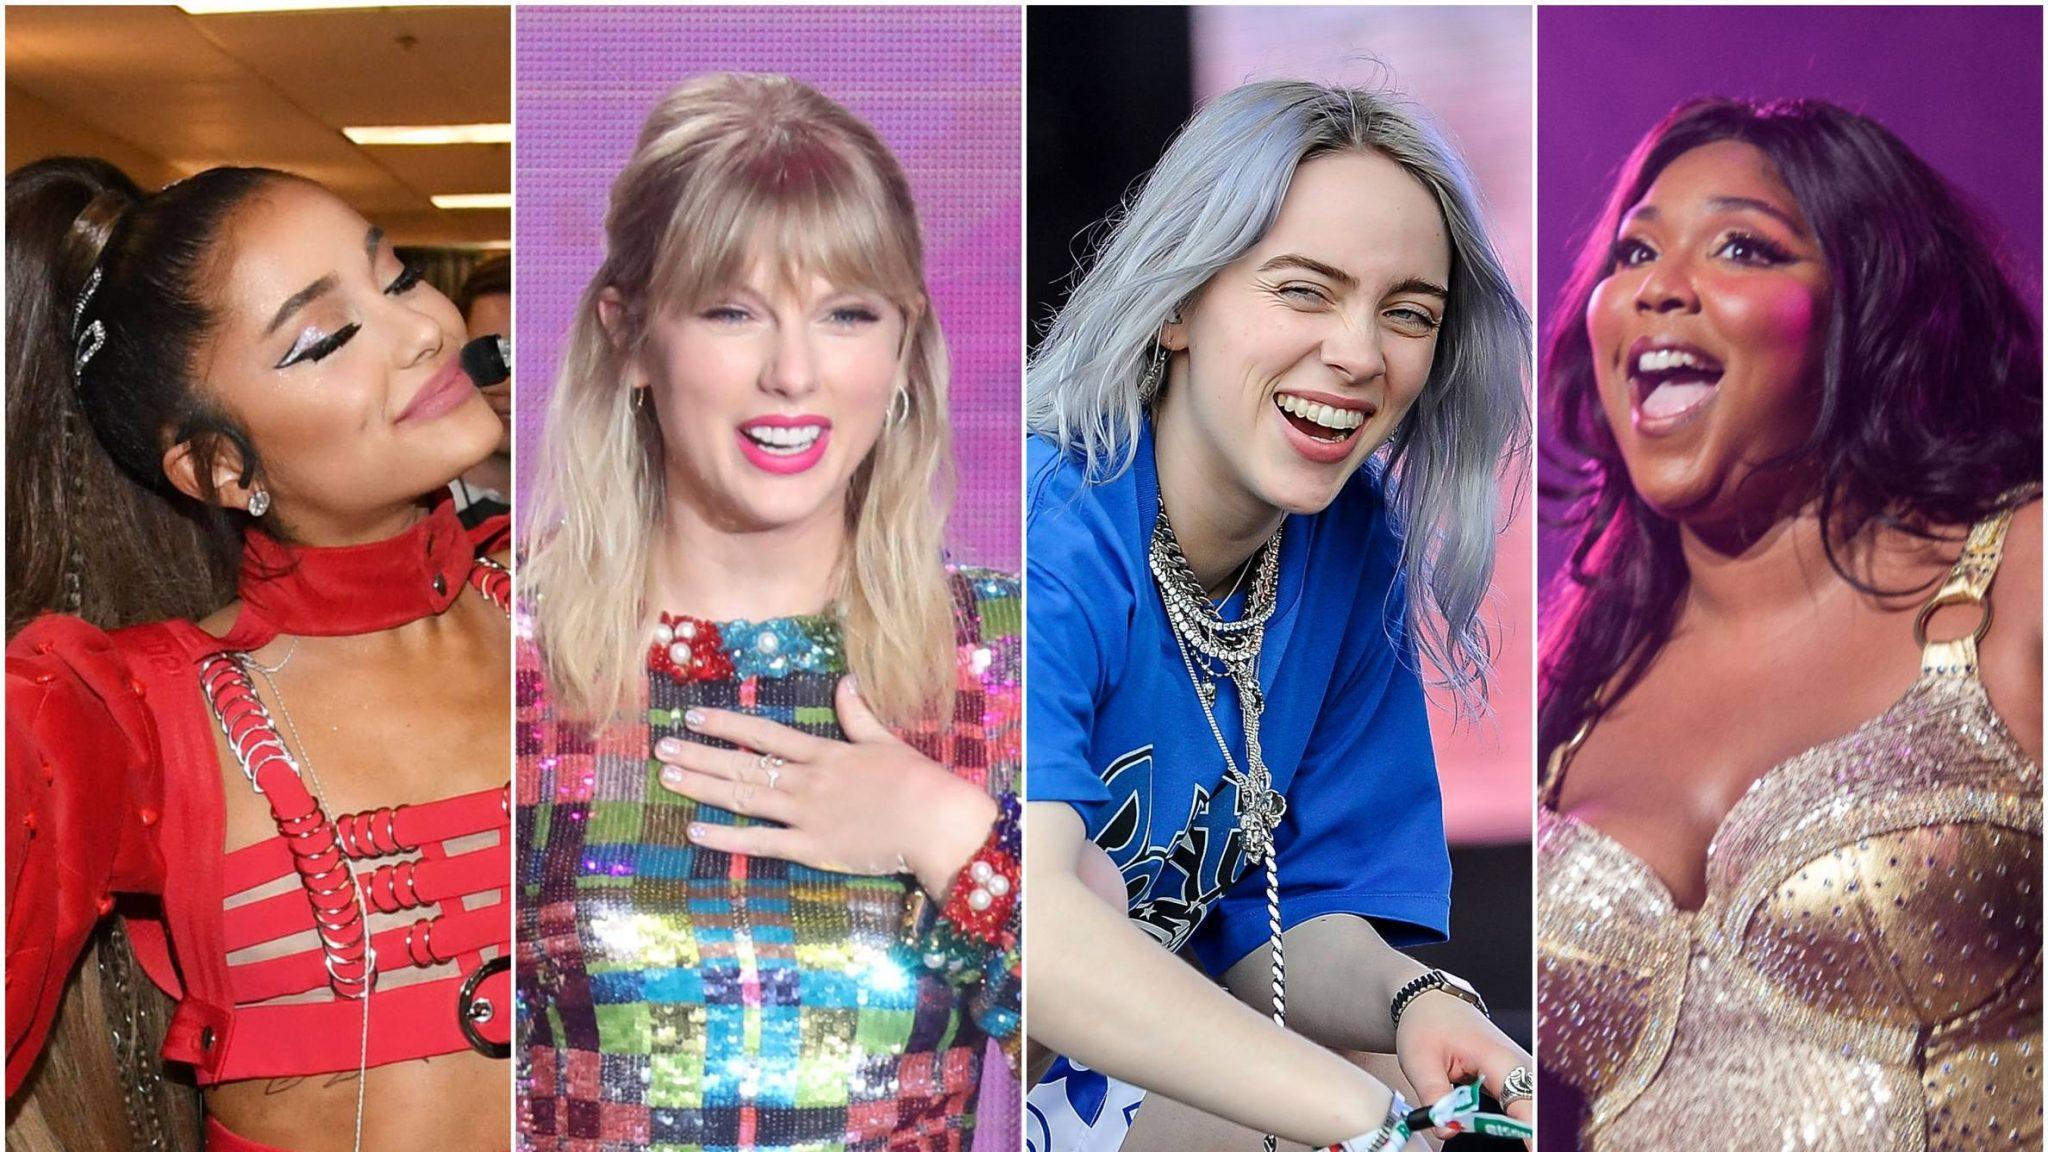 Ανακοινώθηκαν οι υποψηφιότητες για τα Grammy 2020